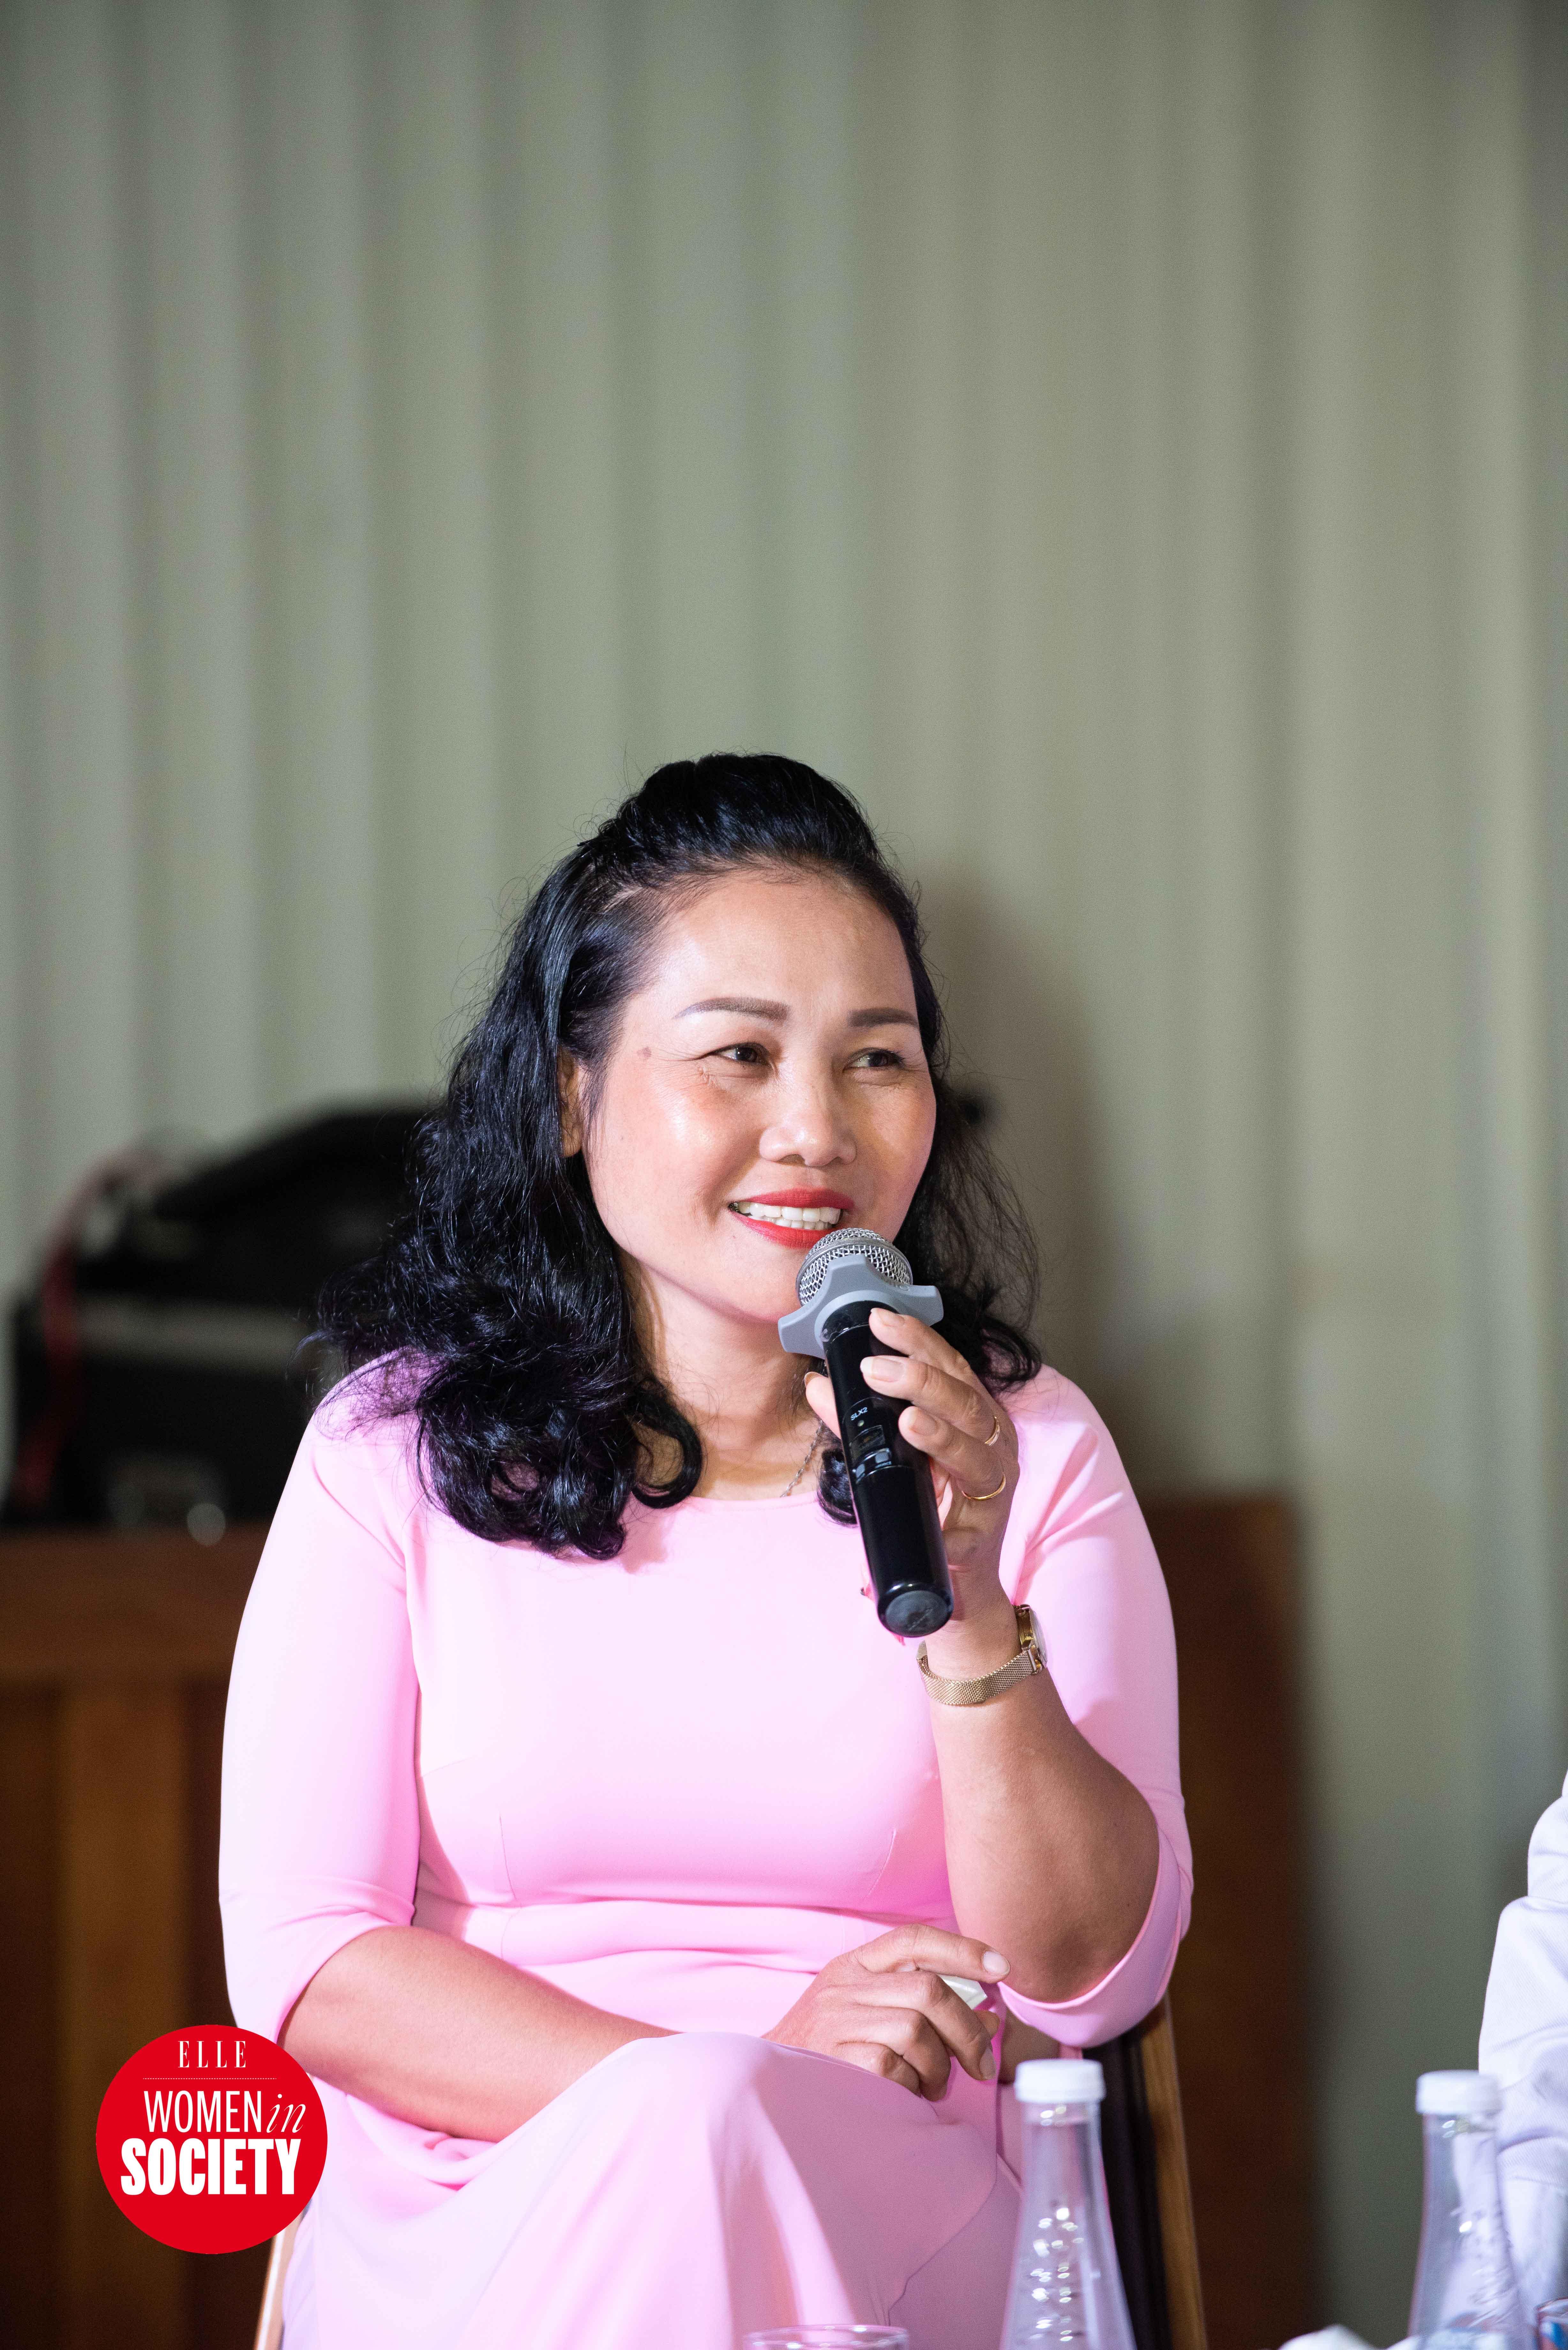 Chị Mai Phương chia sẻ trong elle women in society 2019